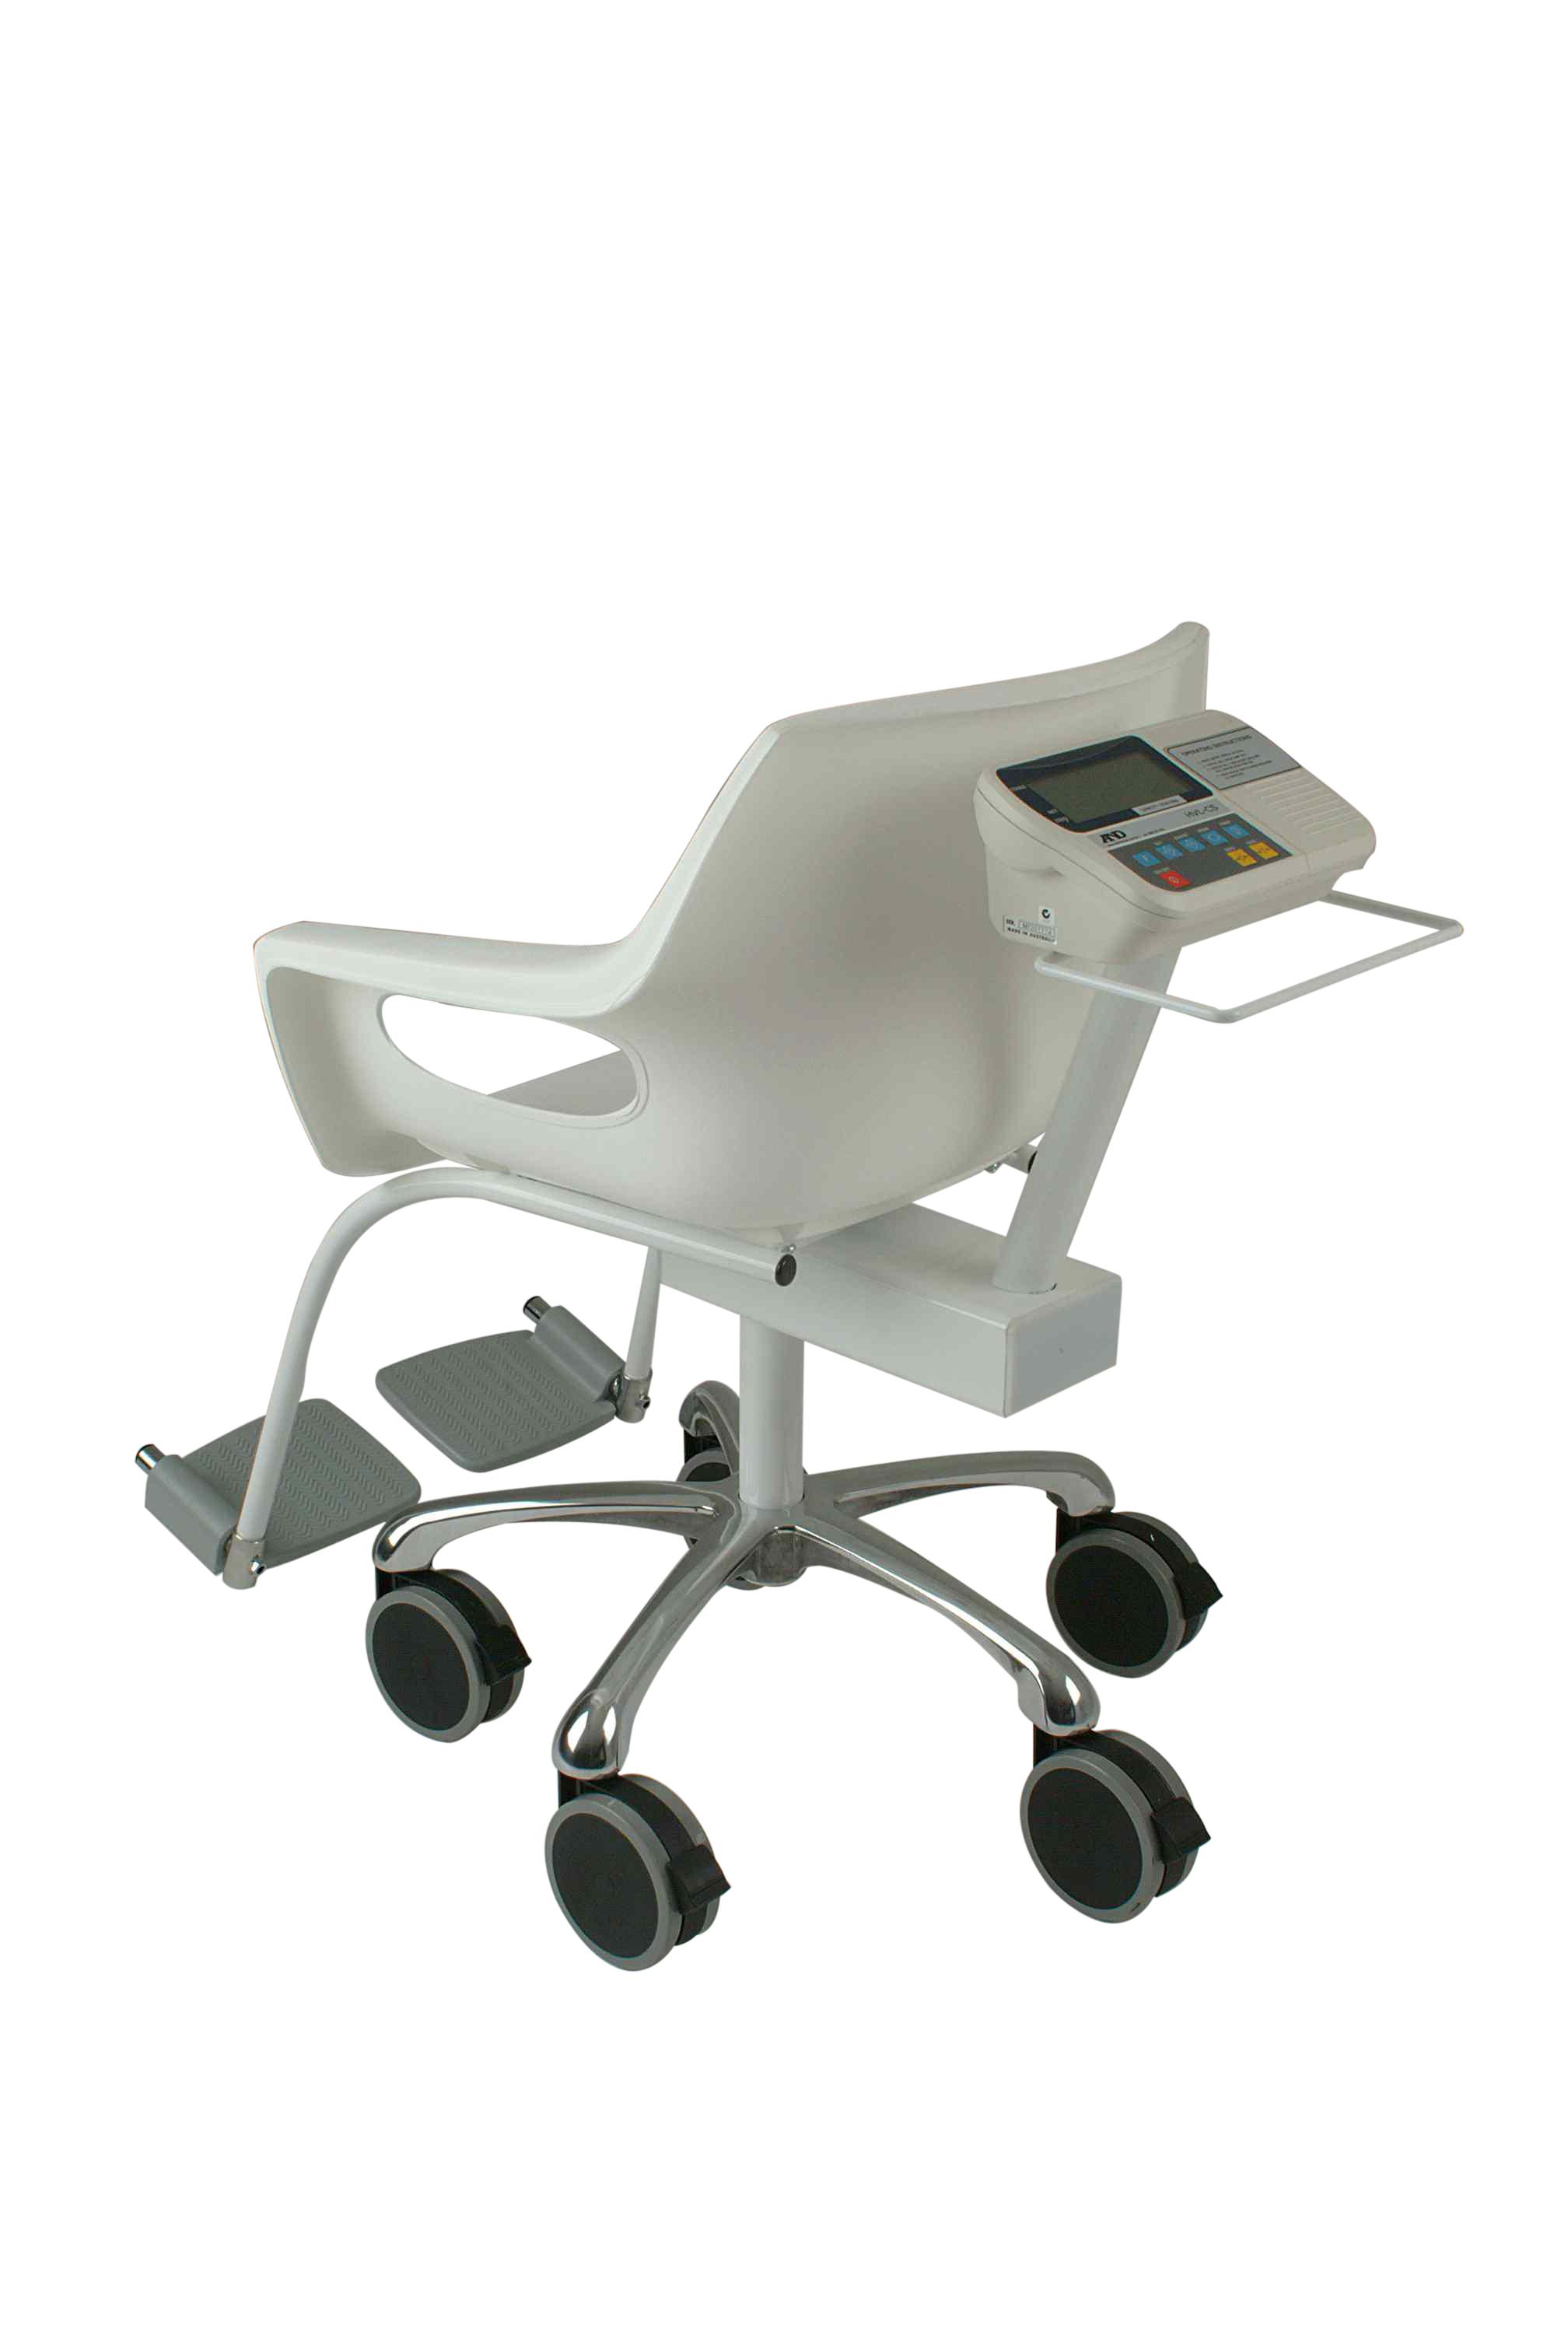 A&D HVL CS Chair Scale AIS Healthcare